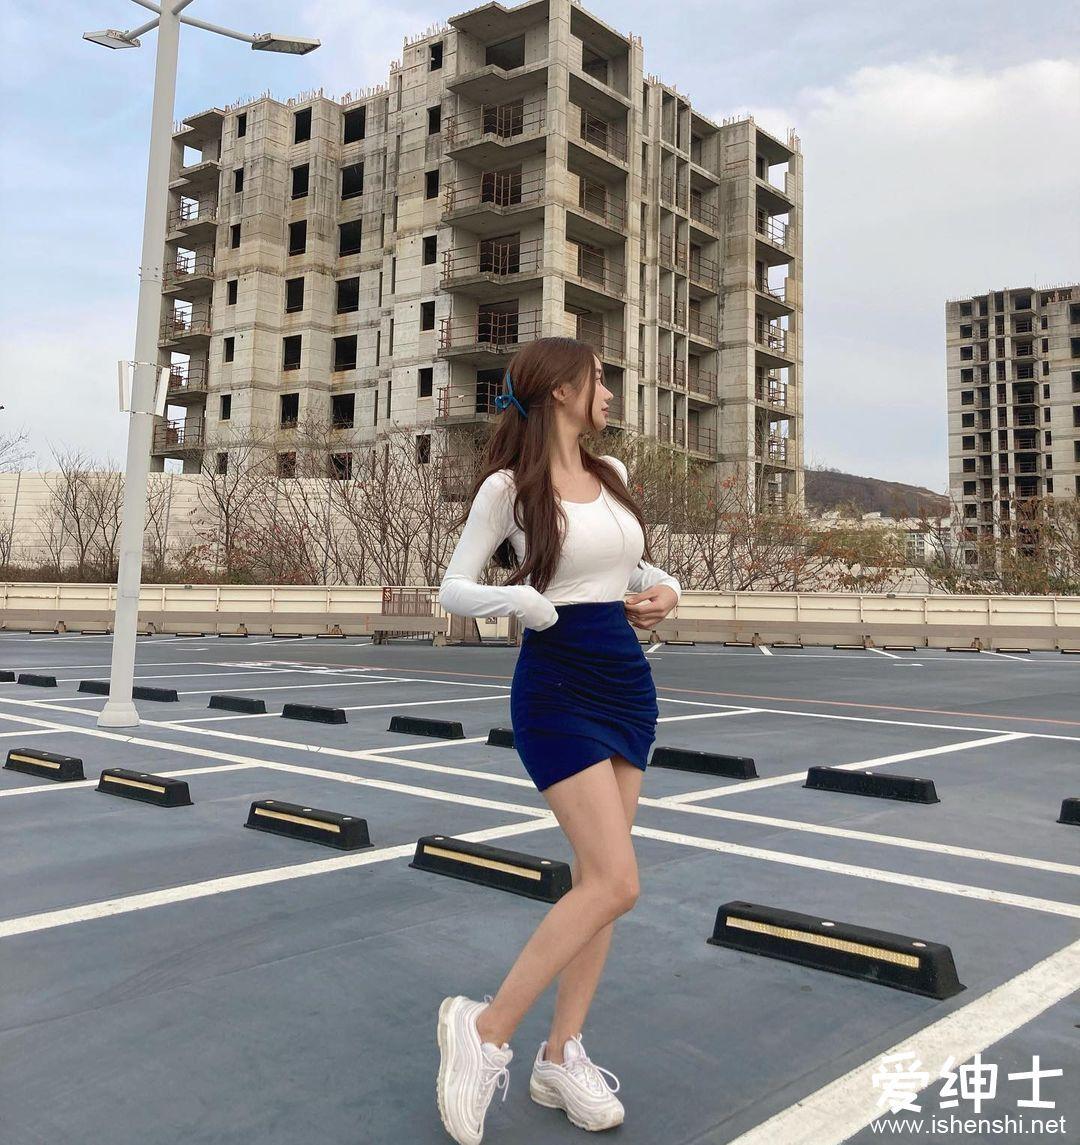 气质韩国「野生火辣美女」甜美外貌让人着迷!丰满身材美若天仙!